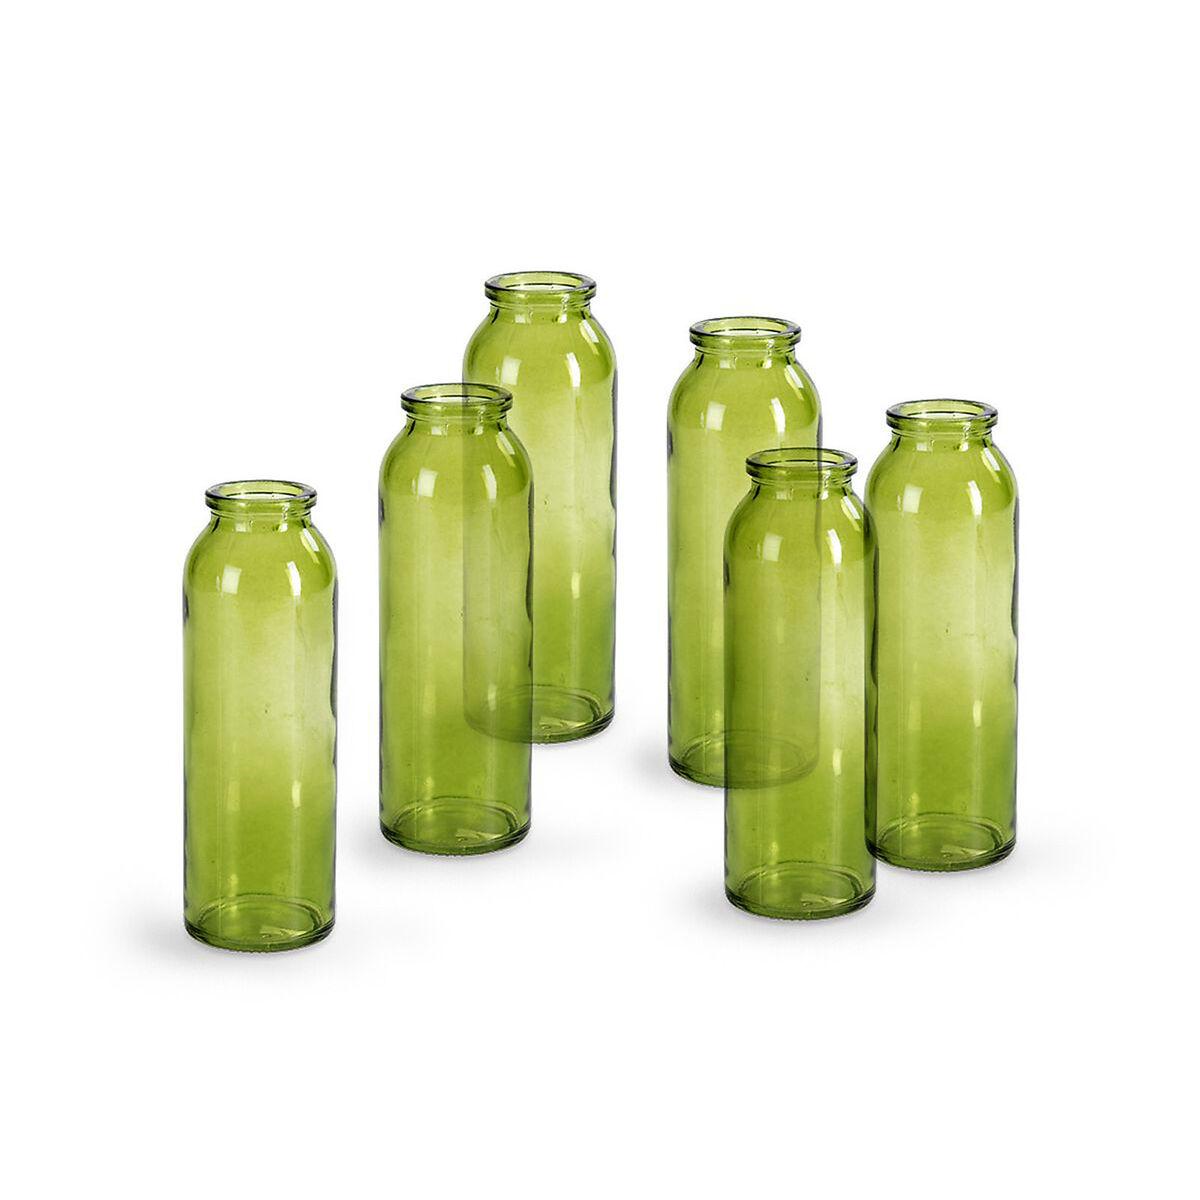 vase 6 st ck glas gr n ca h 15 cm depot de. Black Bedroom Furniture Sets. Home Design Ideas